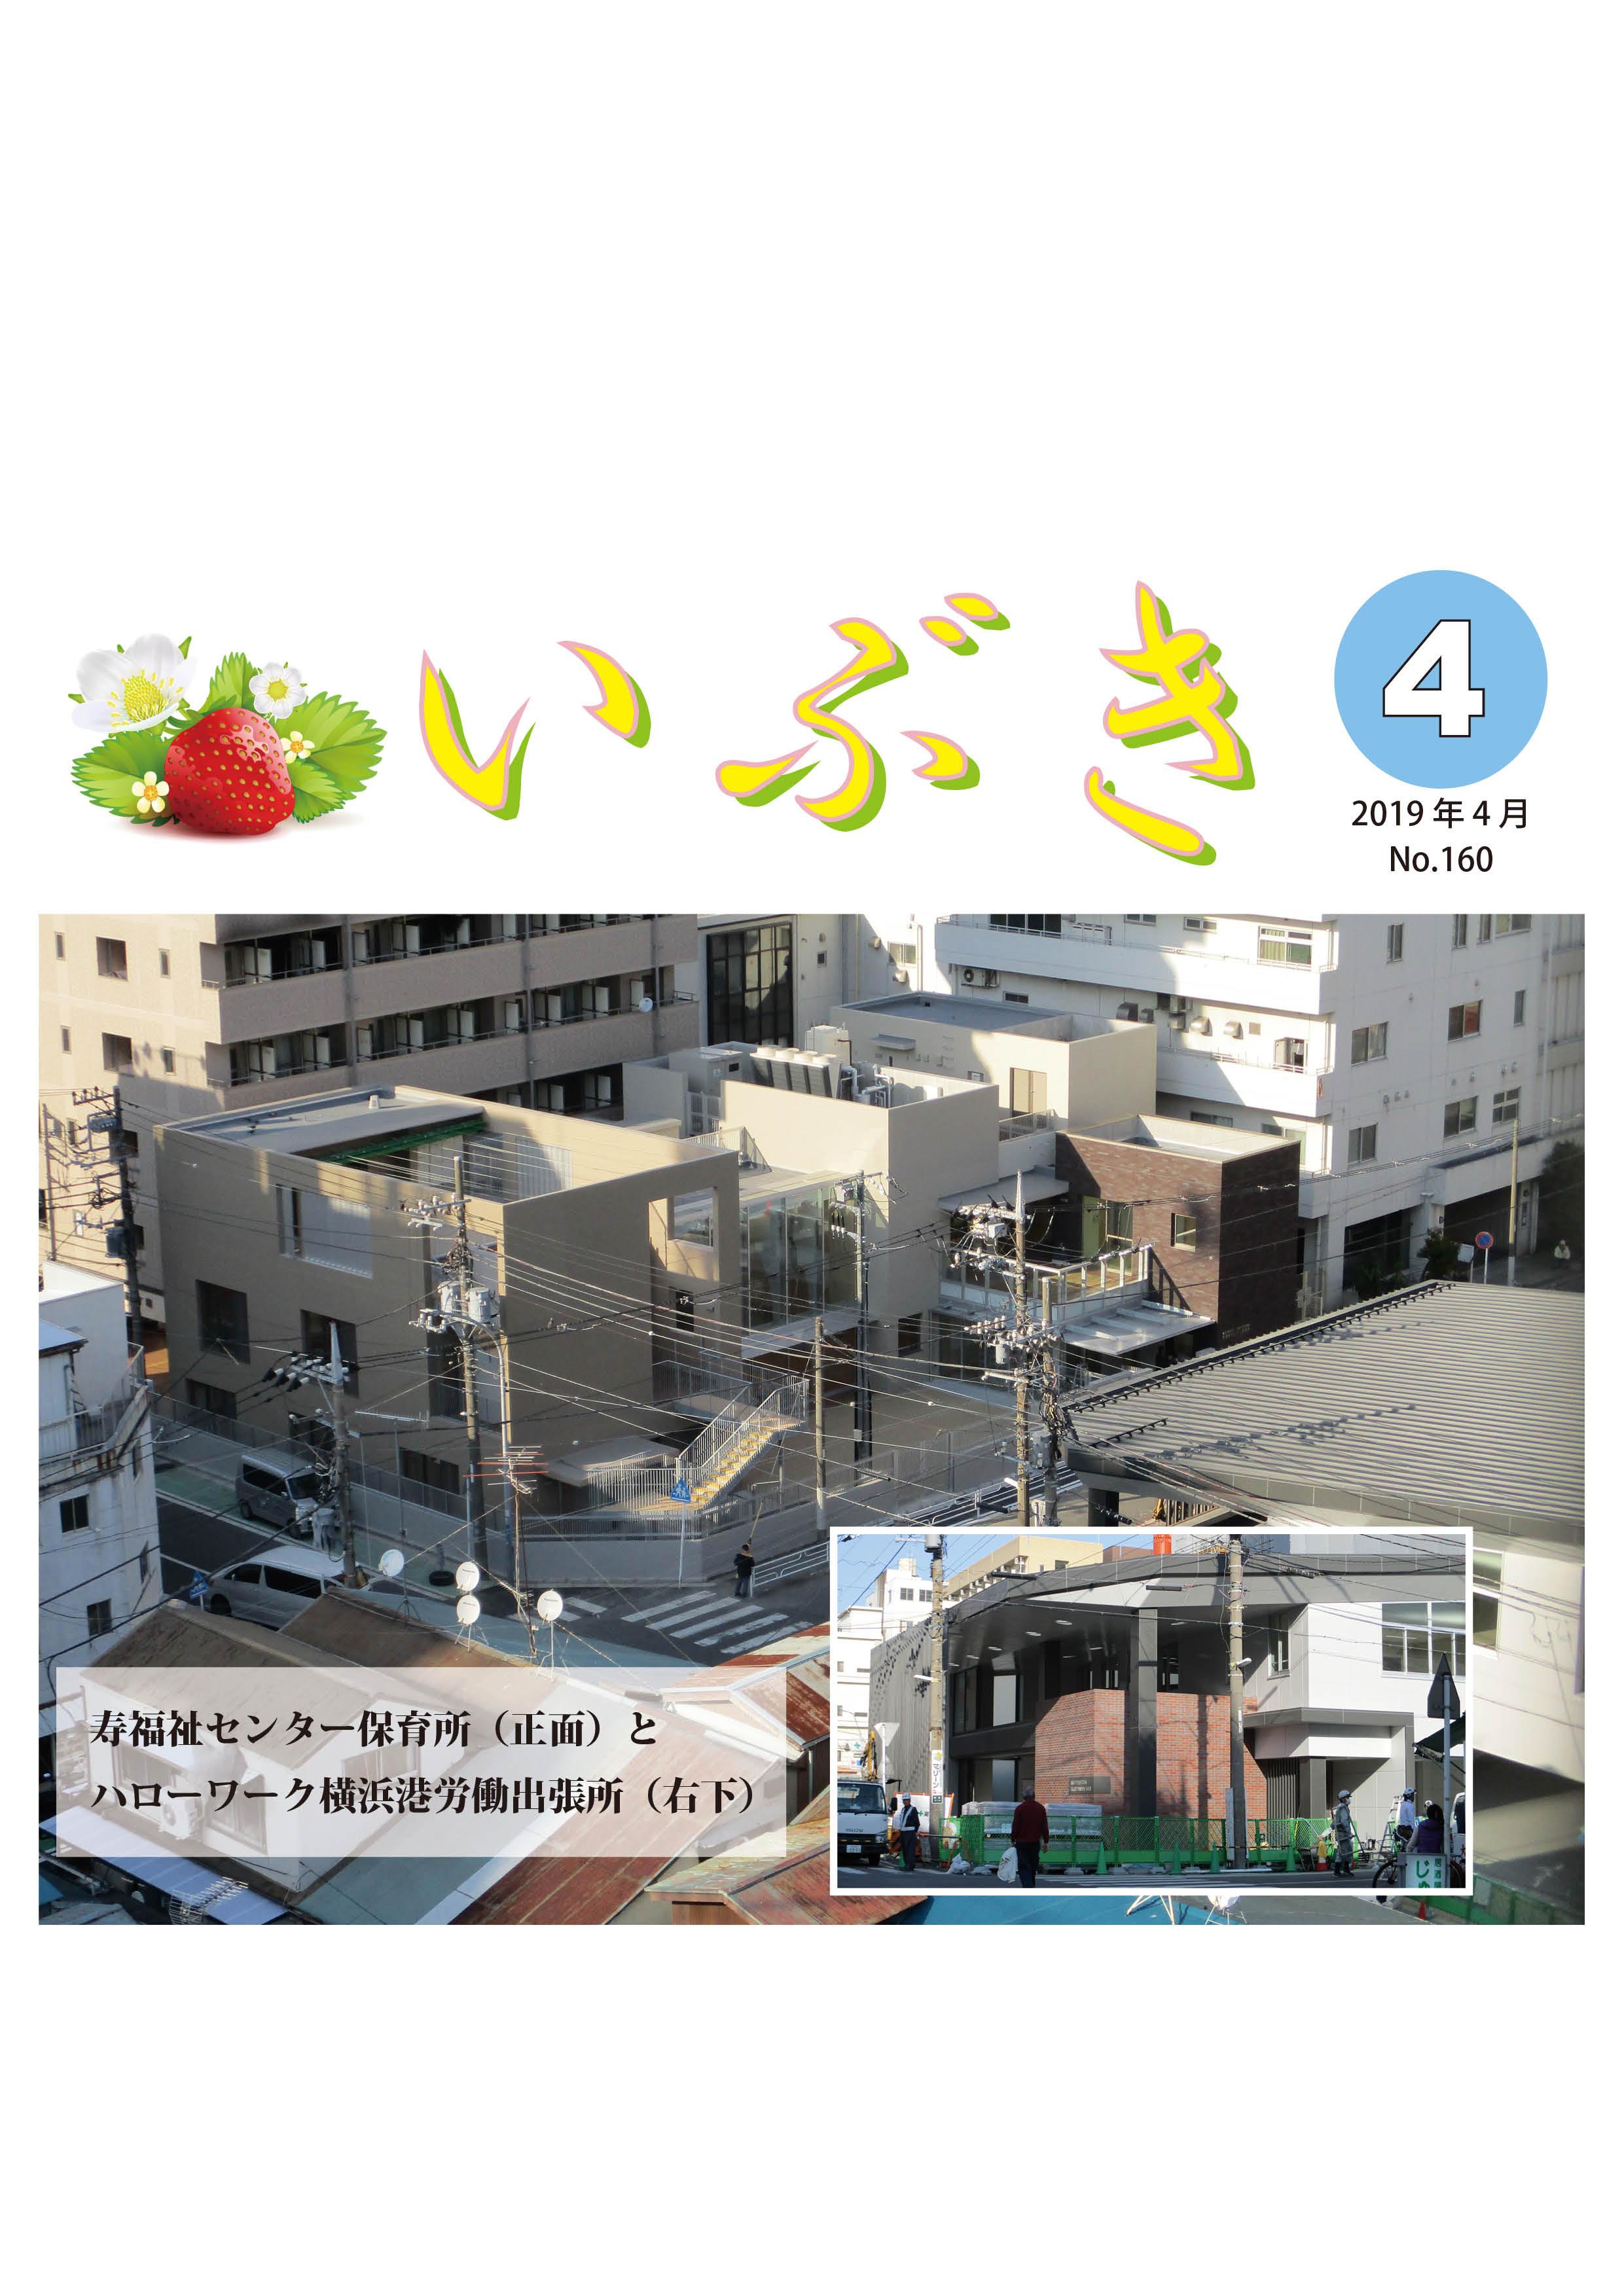 広報紙いぶき2019年4月号(No.160)